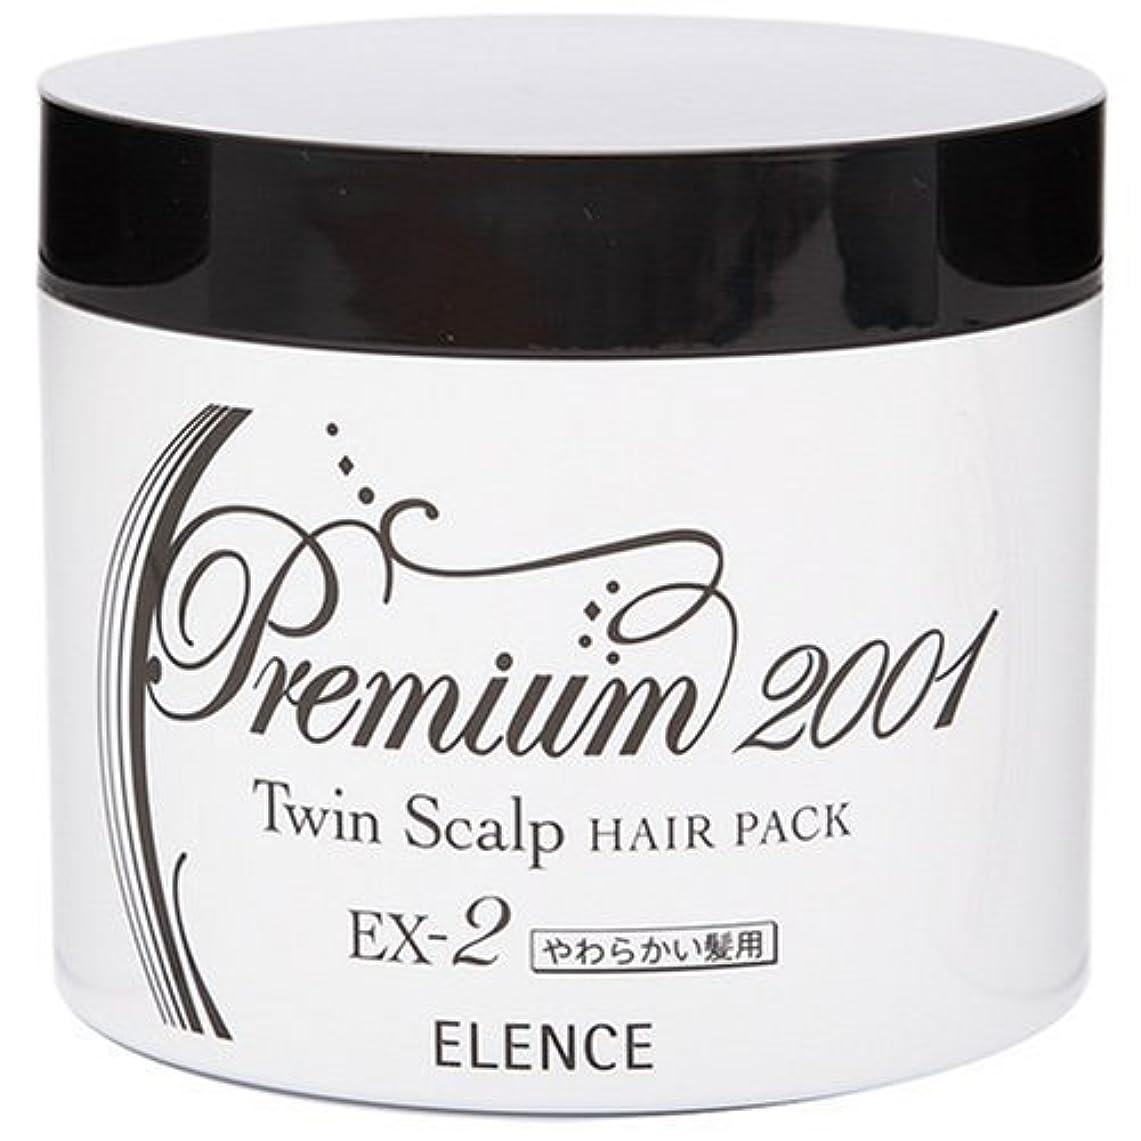 名義で結果に対応するエレンス2001 ツインスキャルプヘアパックEX-2(やわらかい髪用)